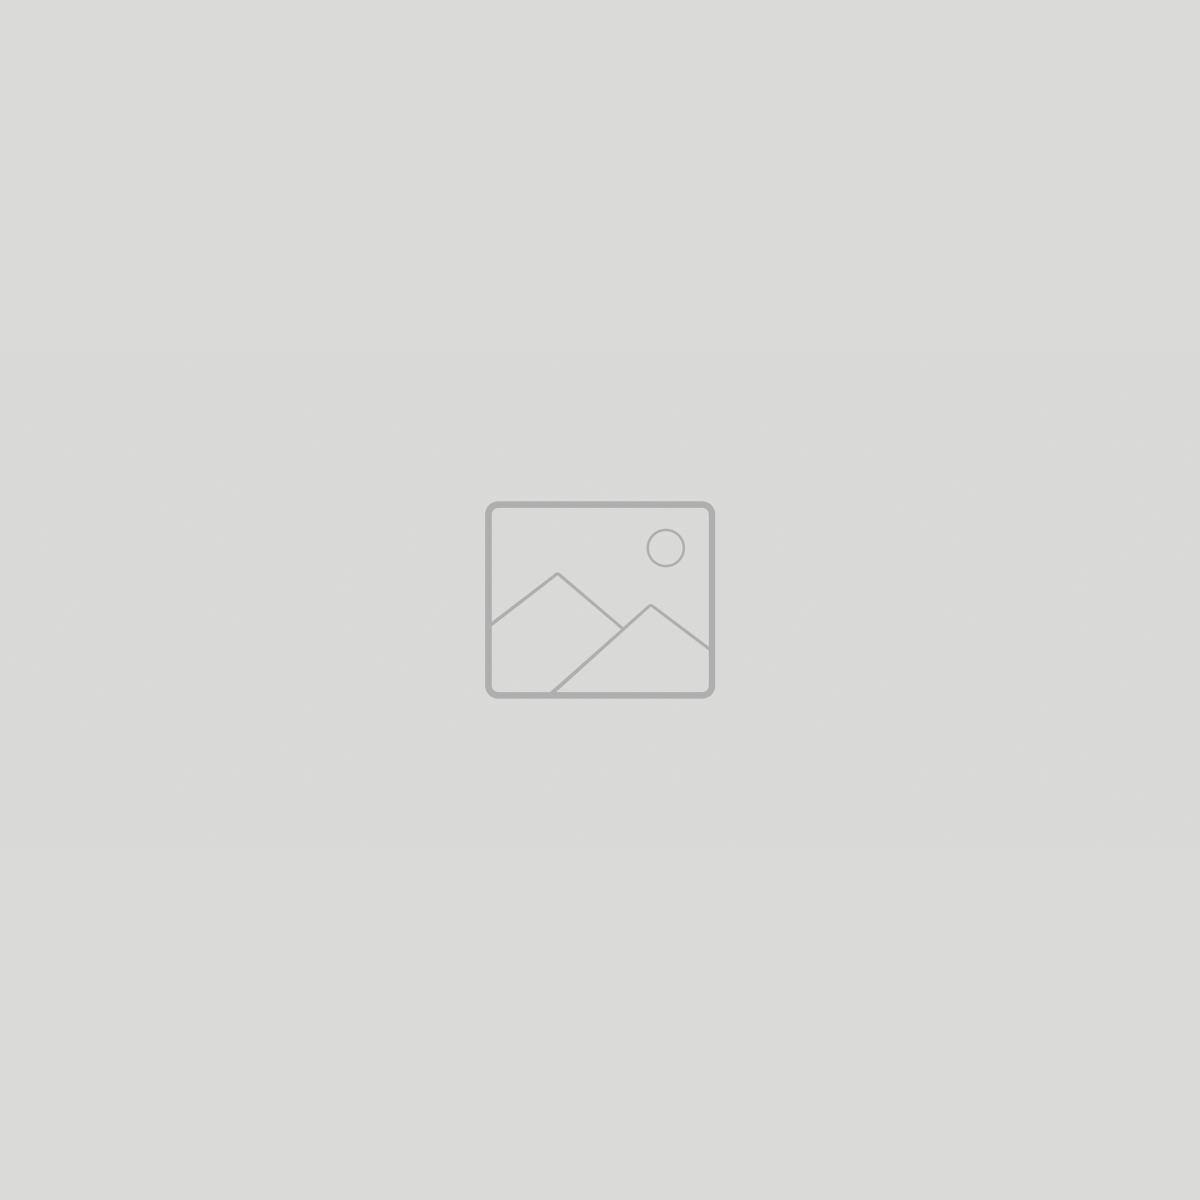 لمس أبيض سامسونج كلاكسي S7582 /S7562